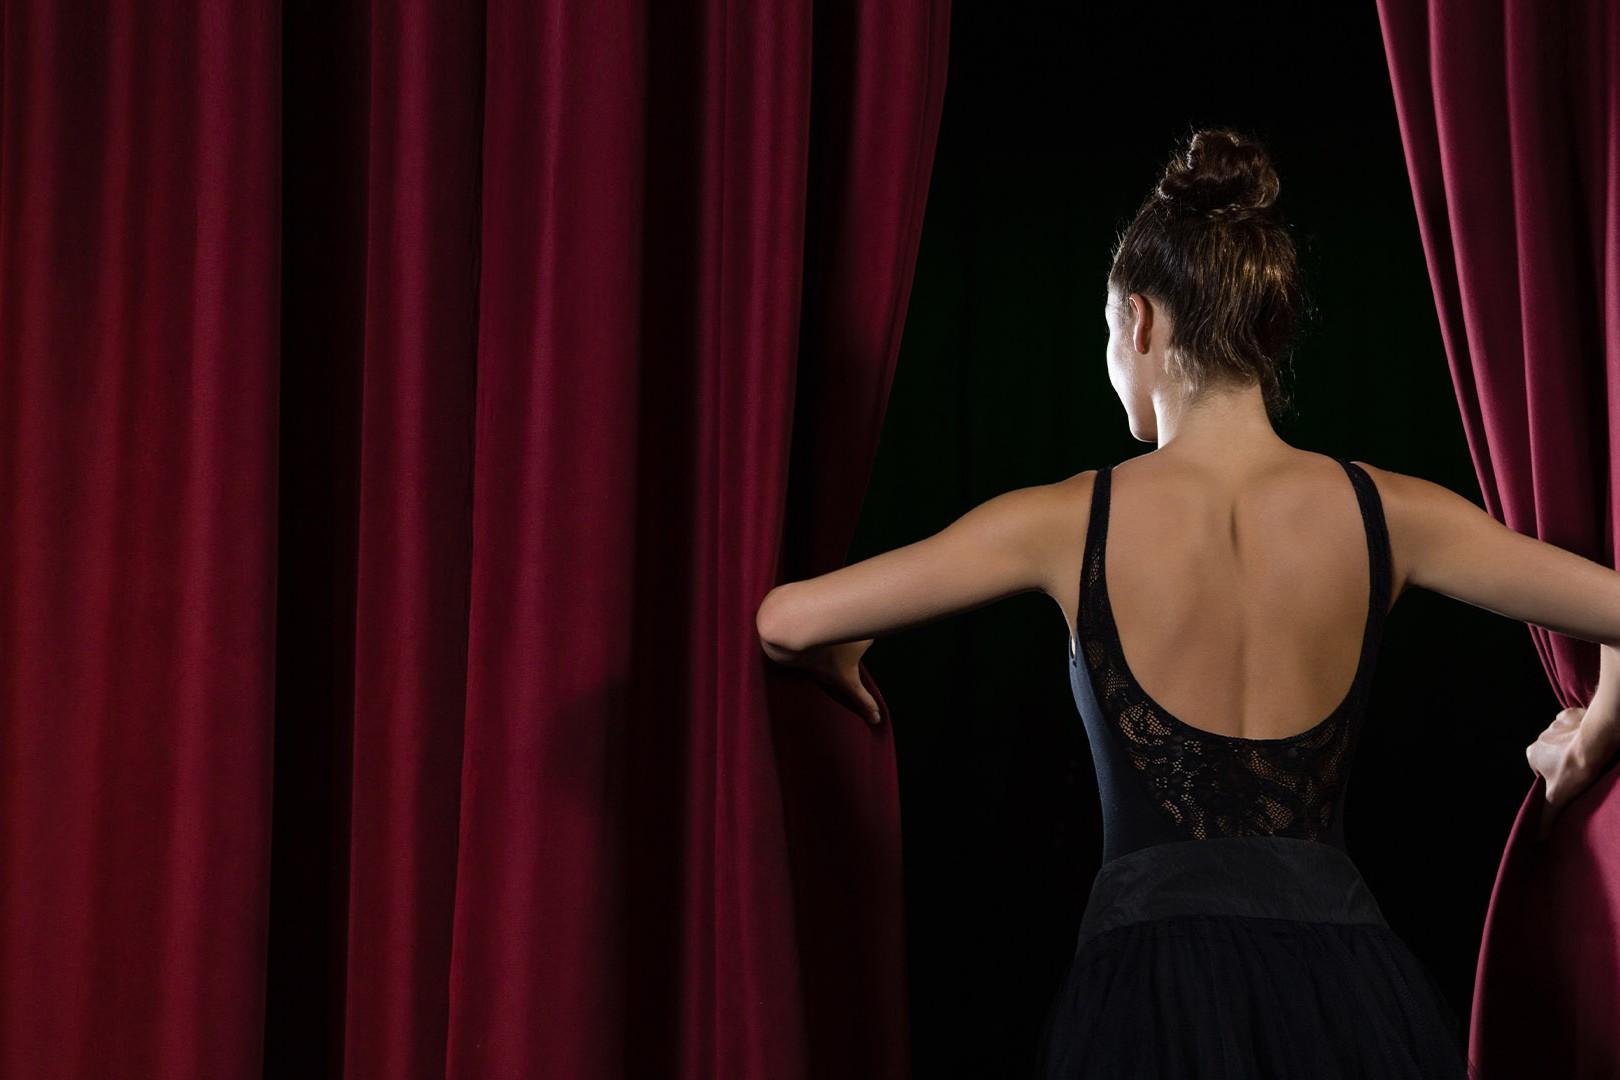 Ragazza ballerina apre il sipario per cominciare l'esibizione